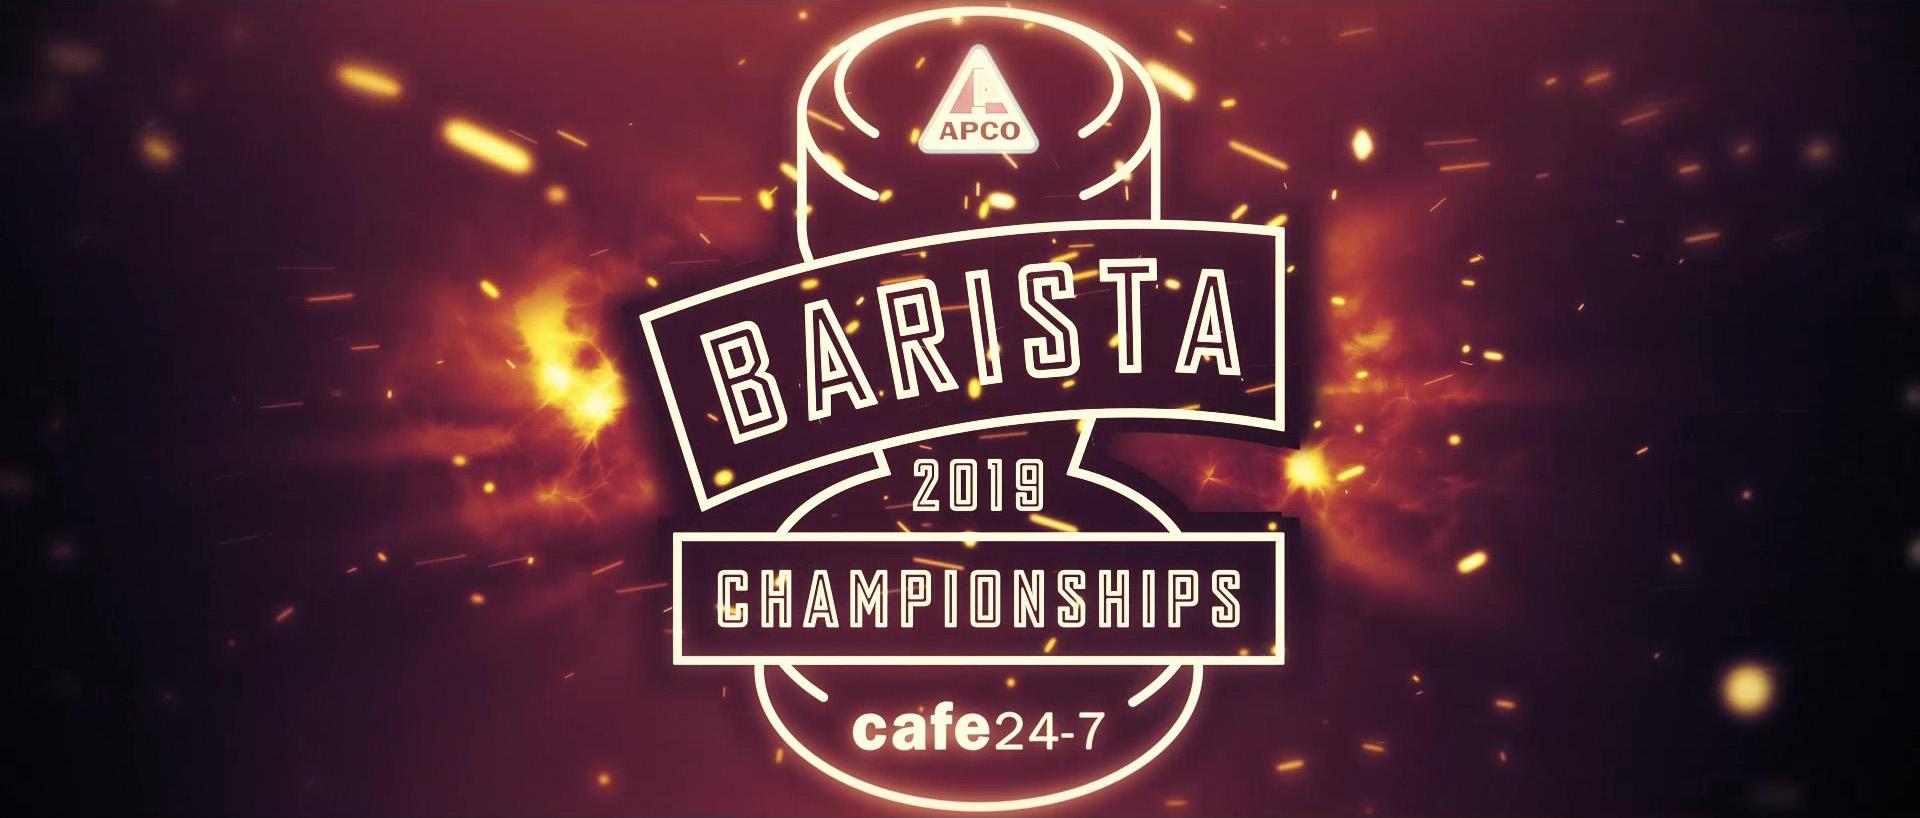 APCO Barista Championships